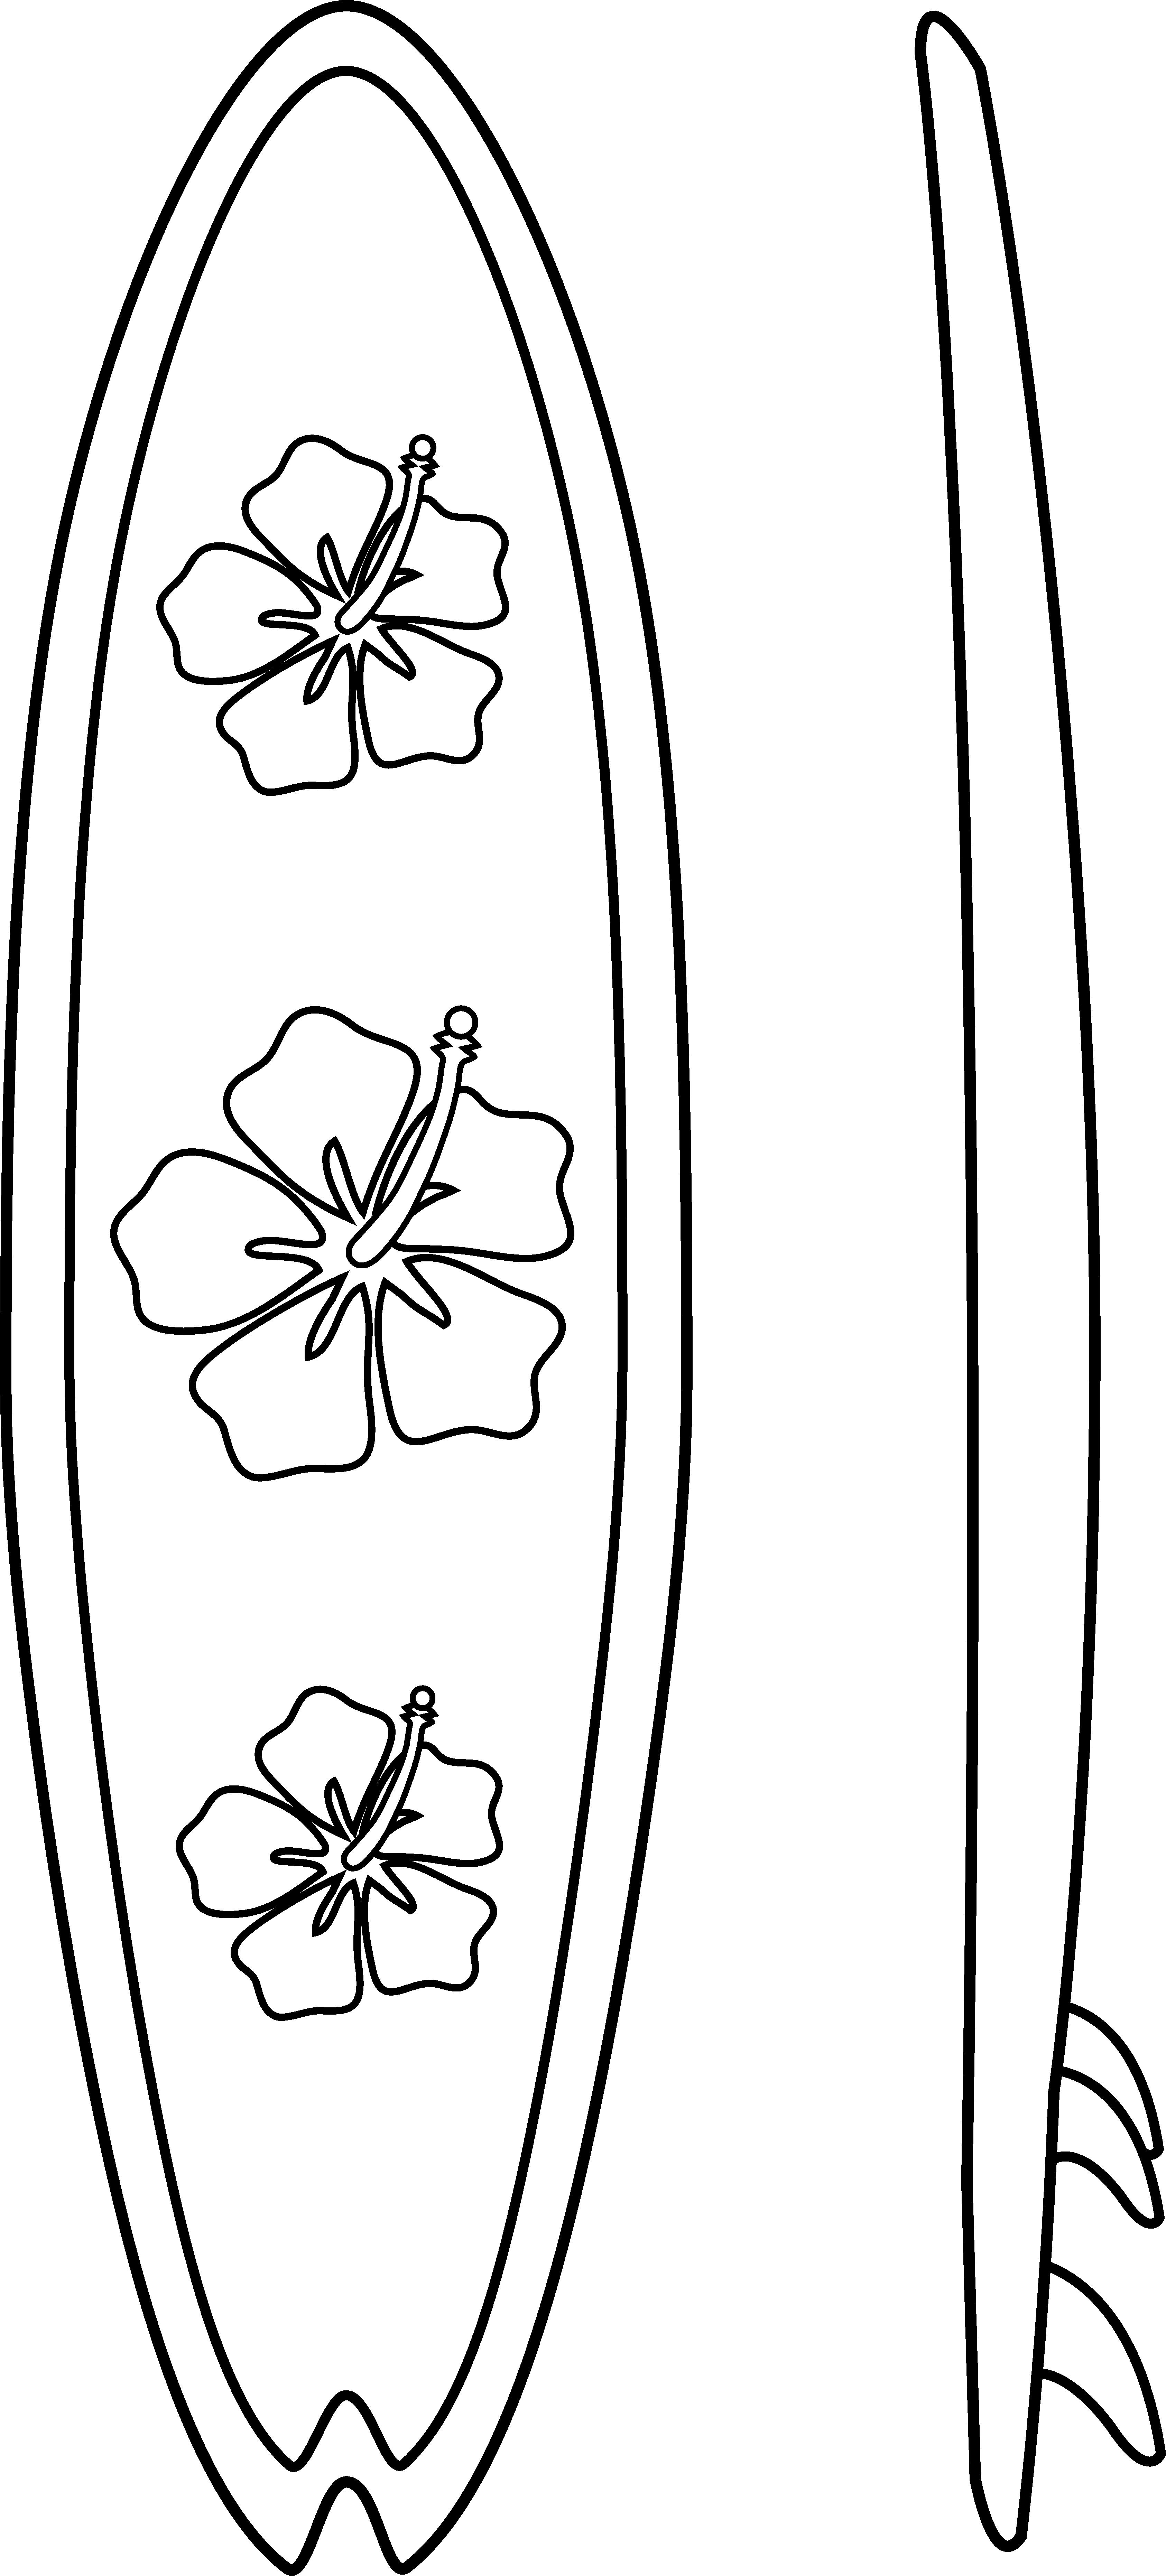 Surfboards Outline